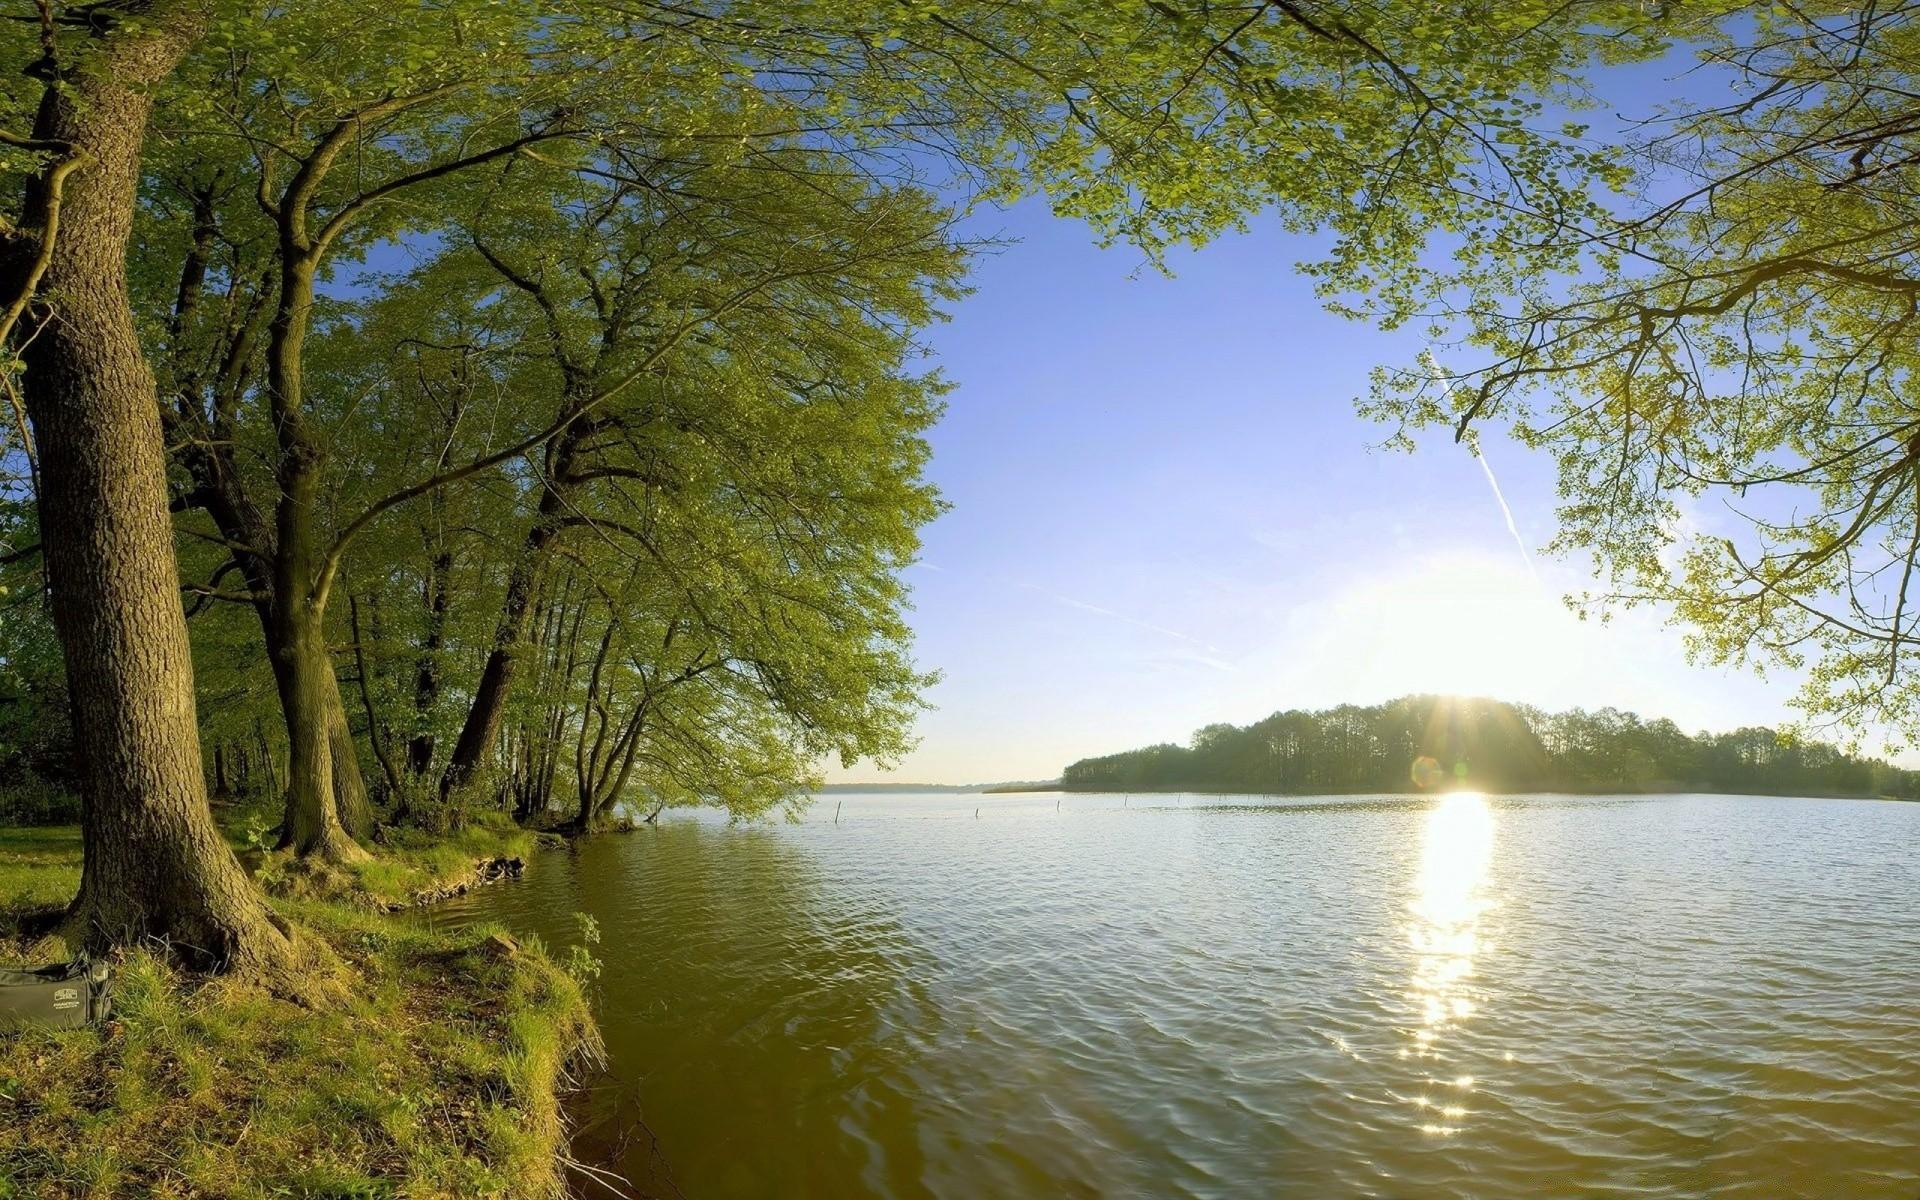 значительно разнообразит фото деревья и река на рабочий стол после проявки